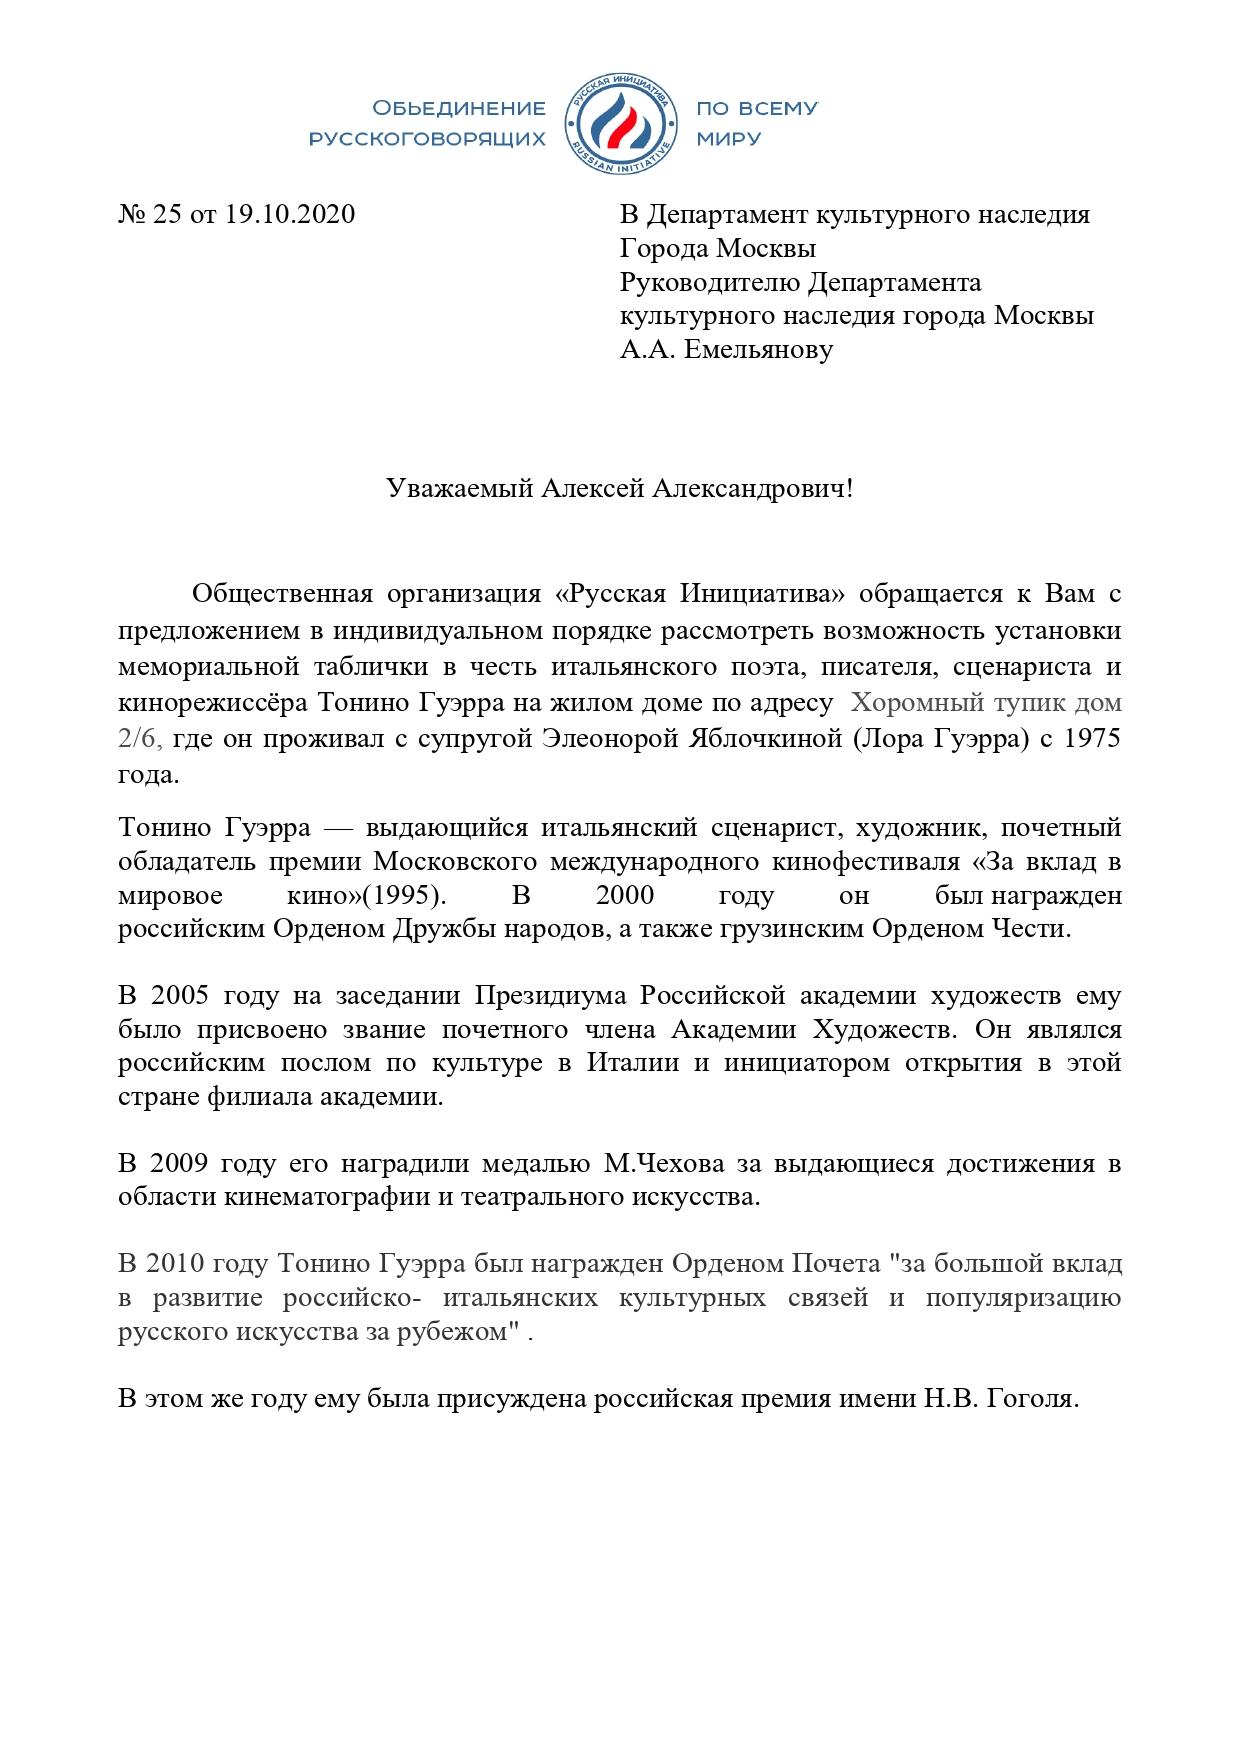 Обращение в Мосгорнаследие по установлению памятной таблички Т. Гуэрра_pages-to-jpg-0001